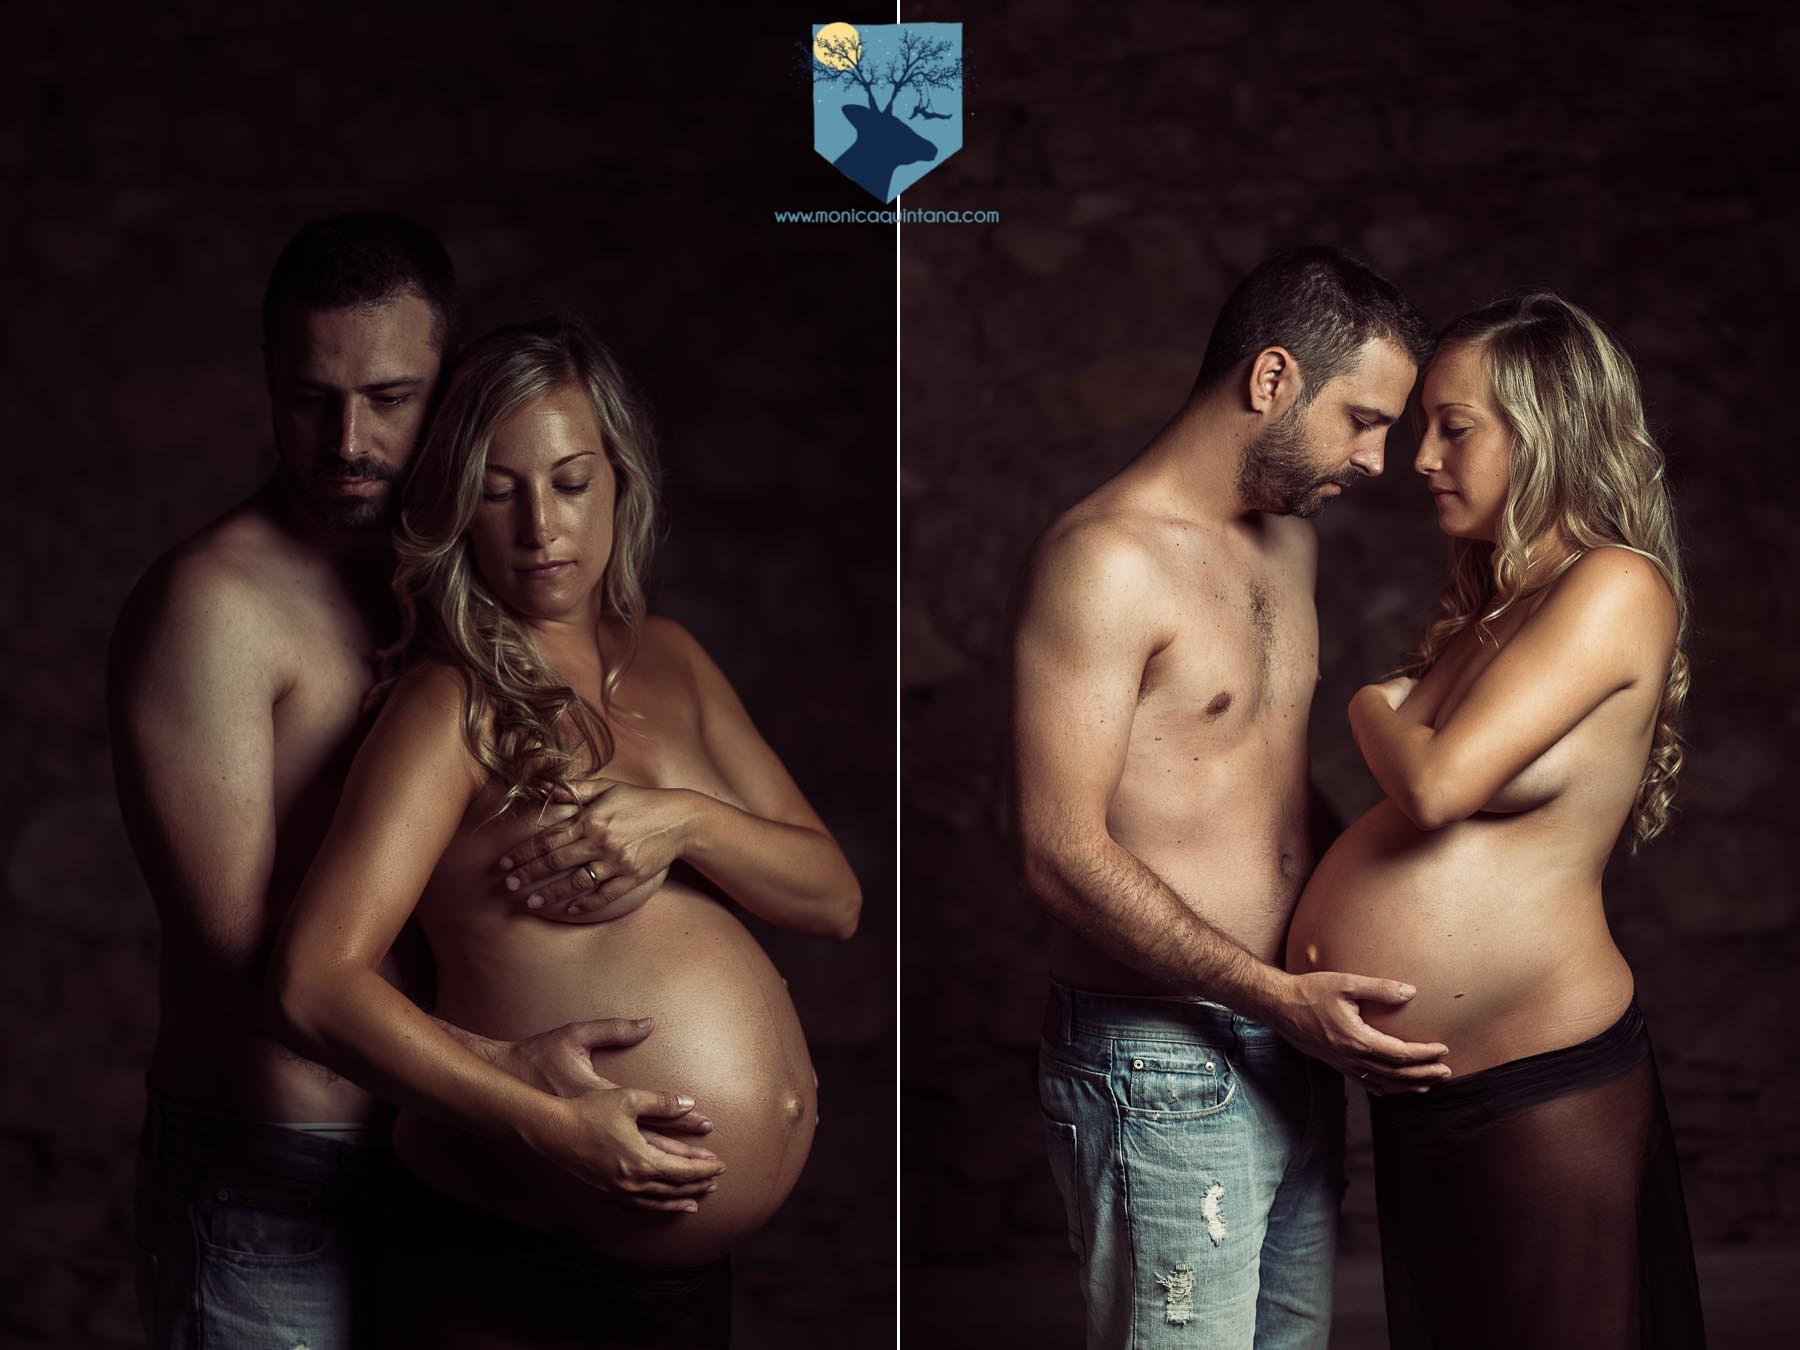 fotografia,girona,figueres,emporda,monica quintana,retrato,embarazo,embarazada,amor,pareja,embaras,fotos